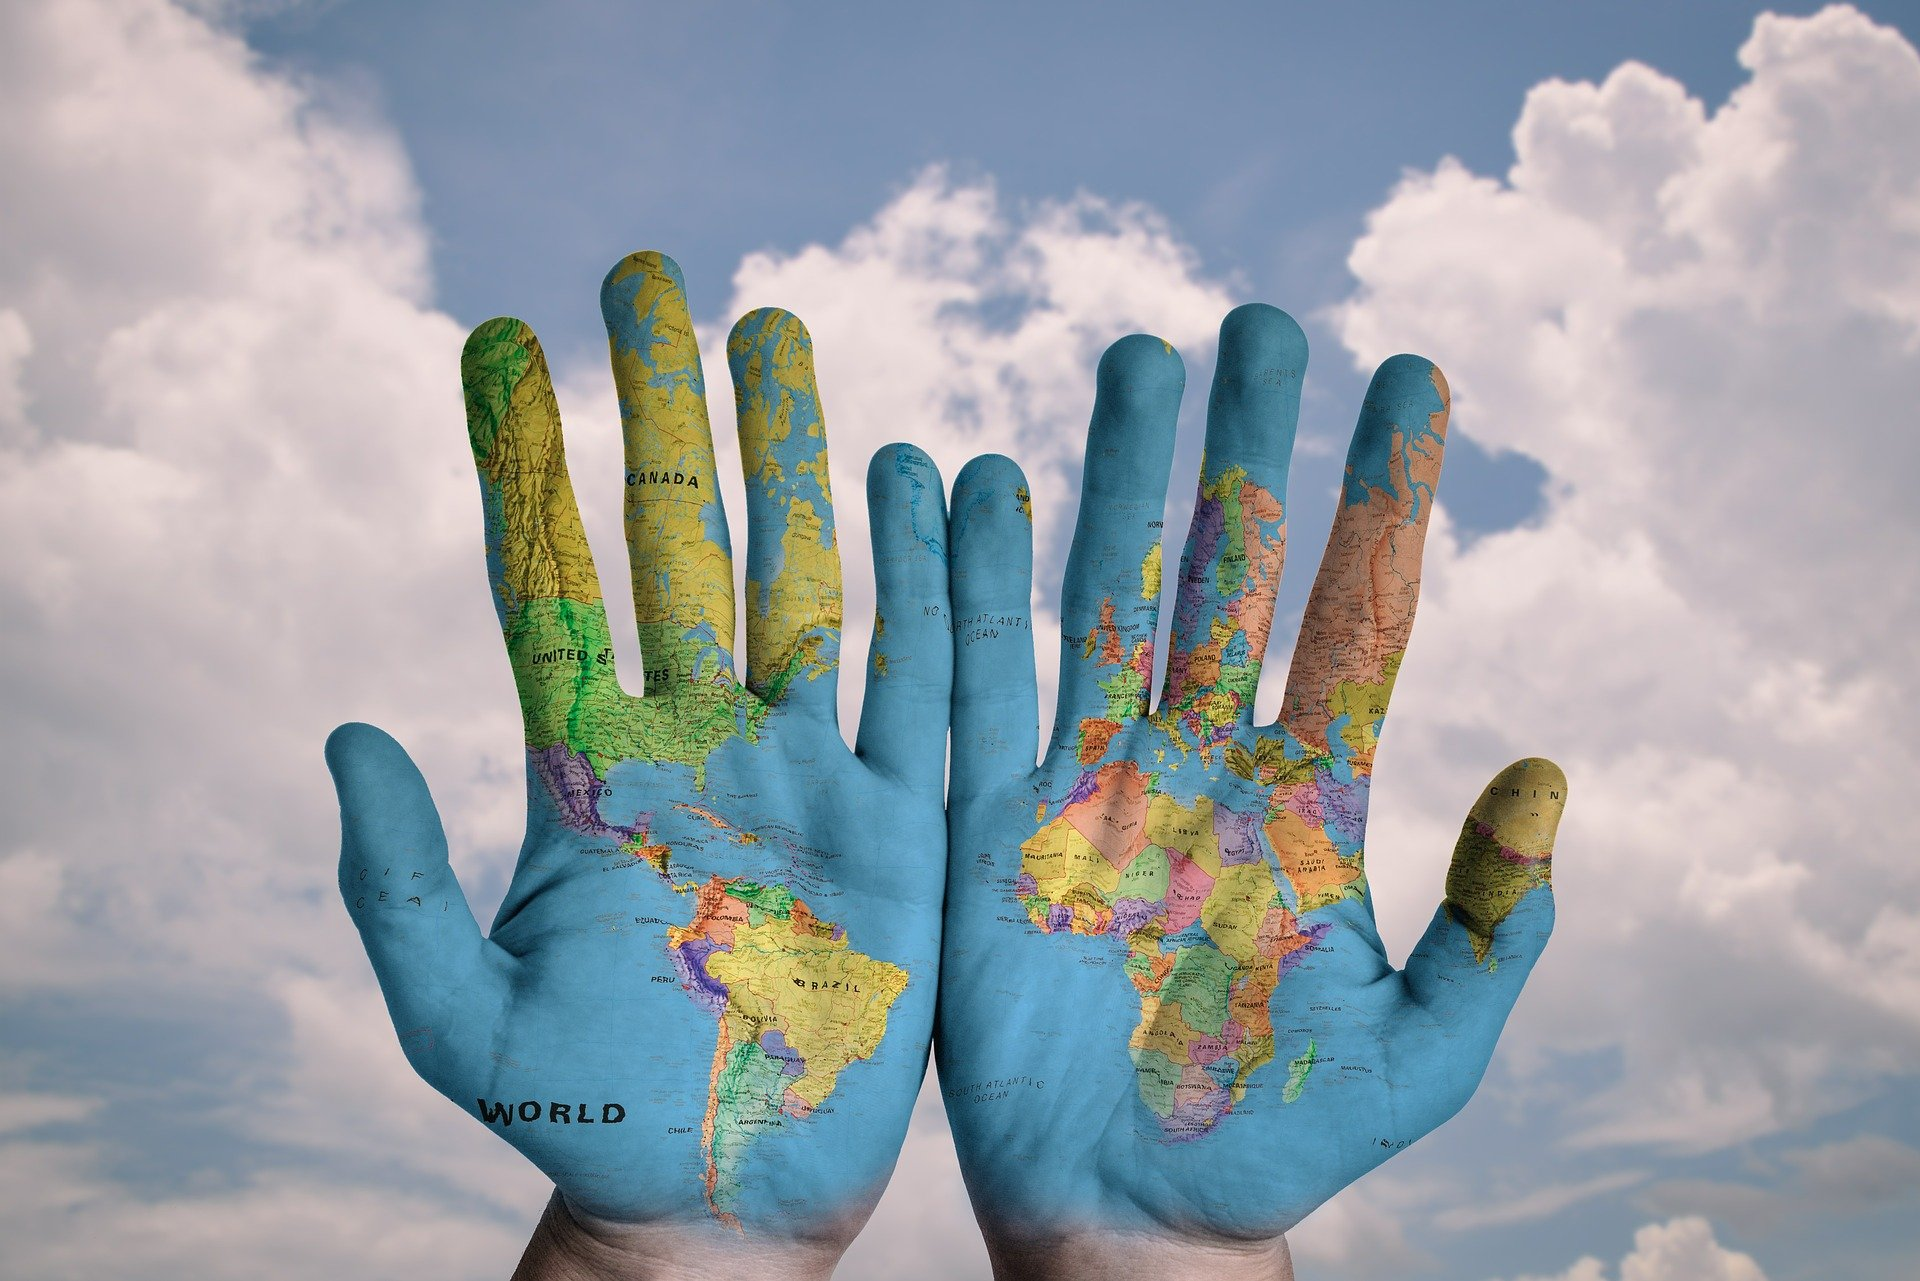 Επικίνδυνη Κοινωνία – Διαφθορά, Βία και Παγκοσμιοποίηση